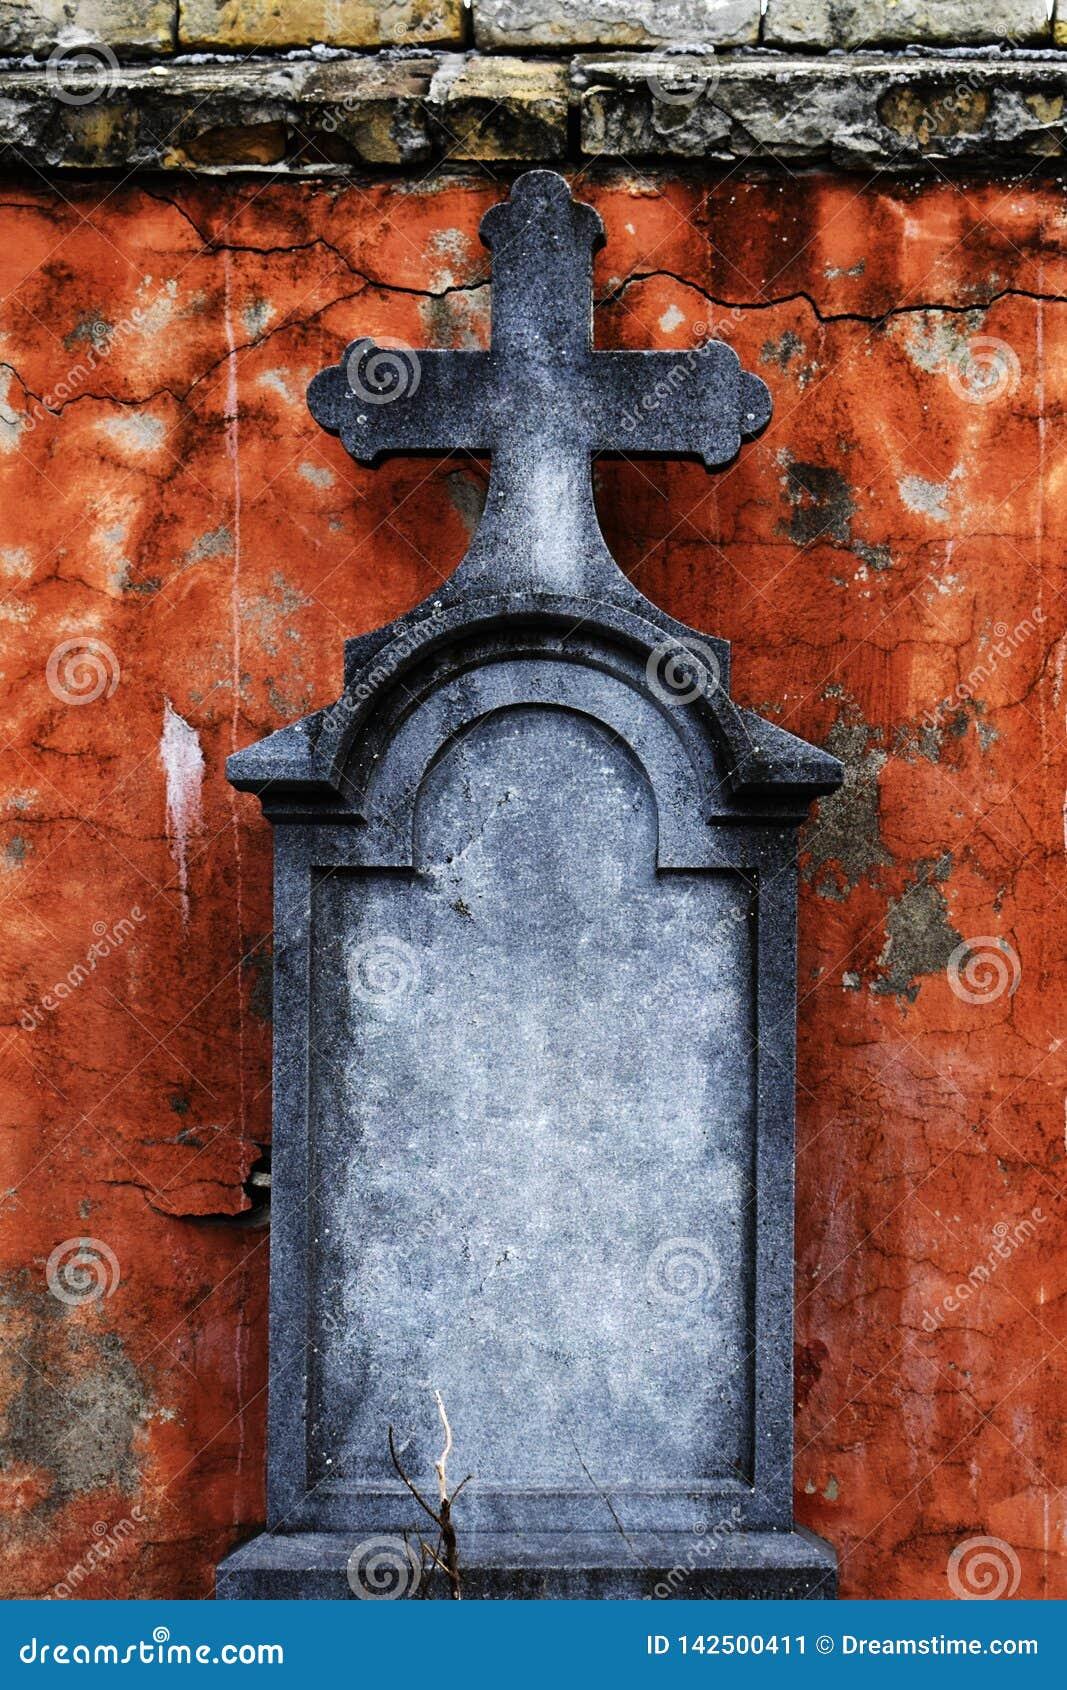 Alter Grabstein mit Kreuz vor zerbröckelnder Fassade